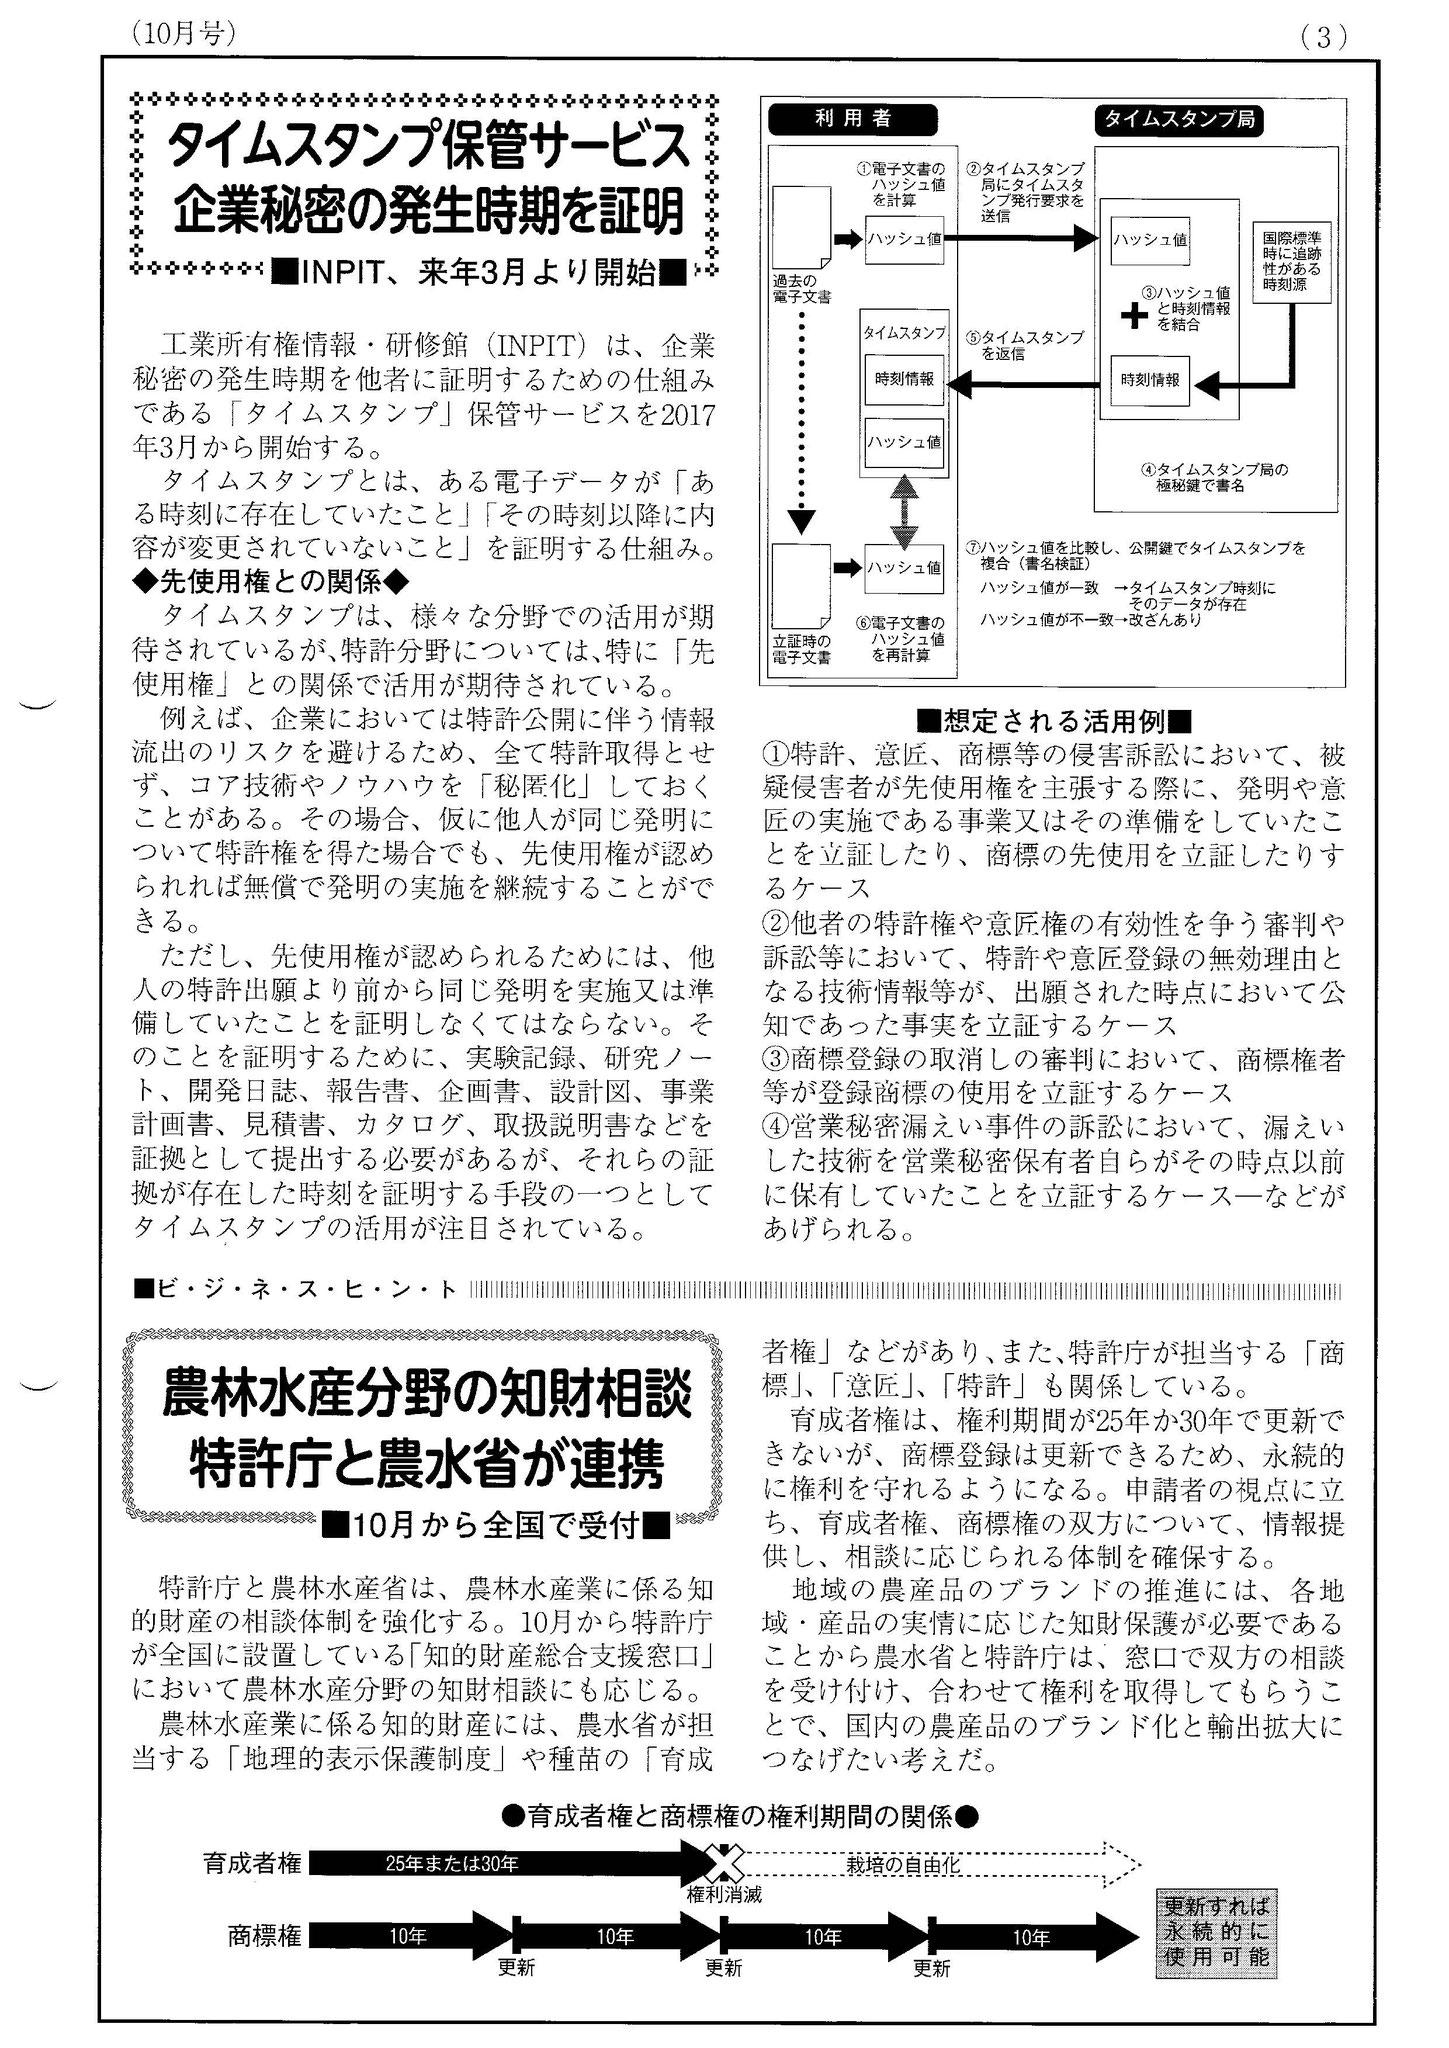 知財サービス 最新ニュース3